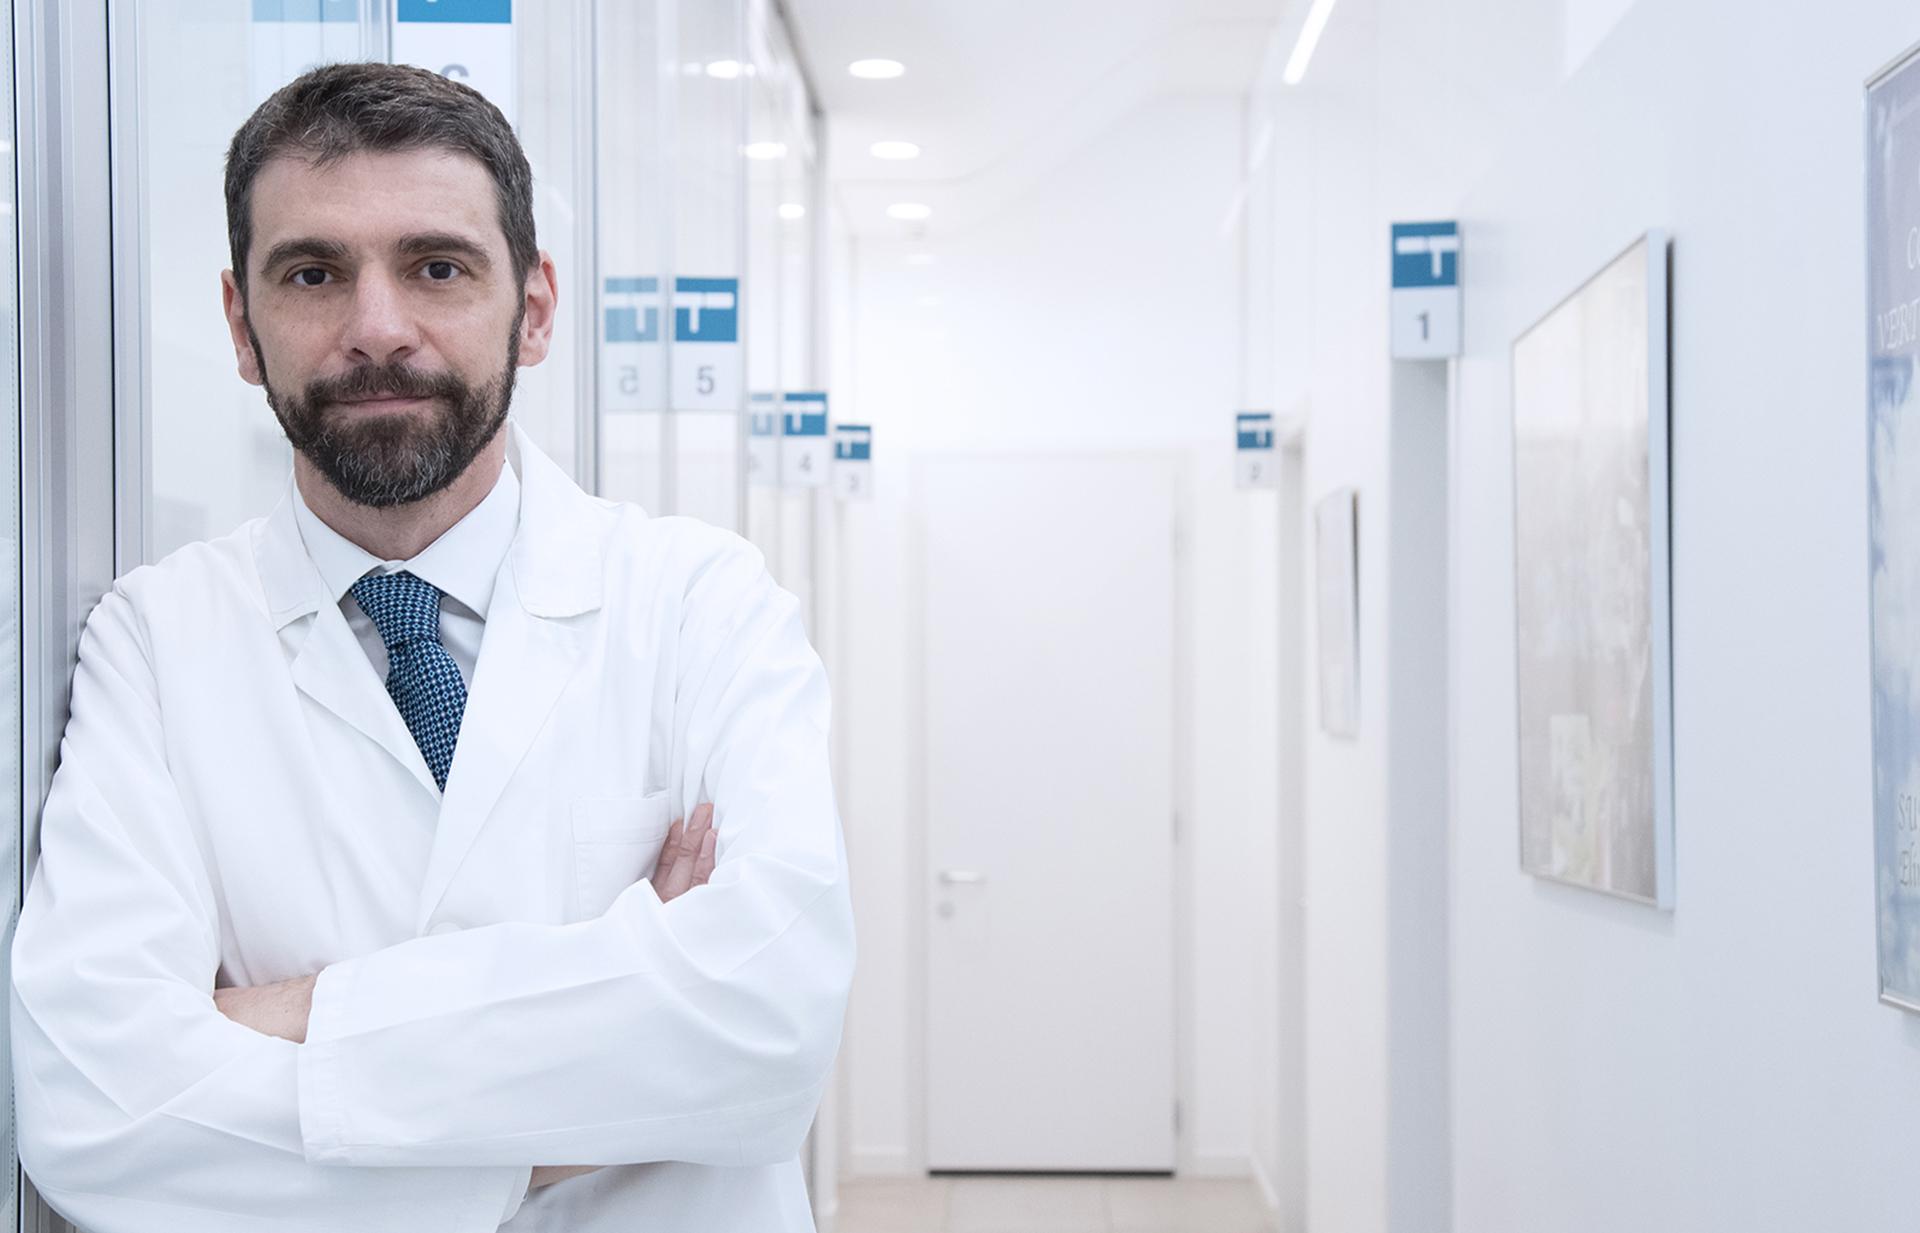 Stefano Carlo Arata chiropratico